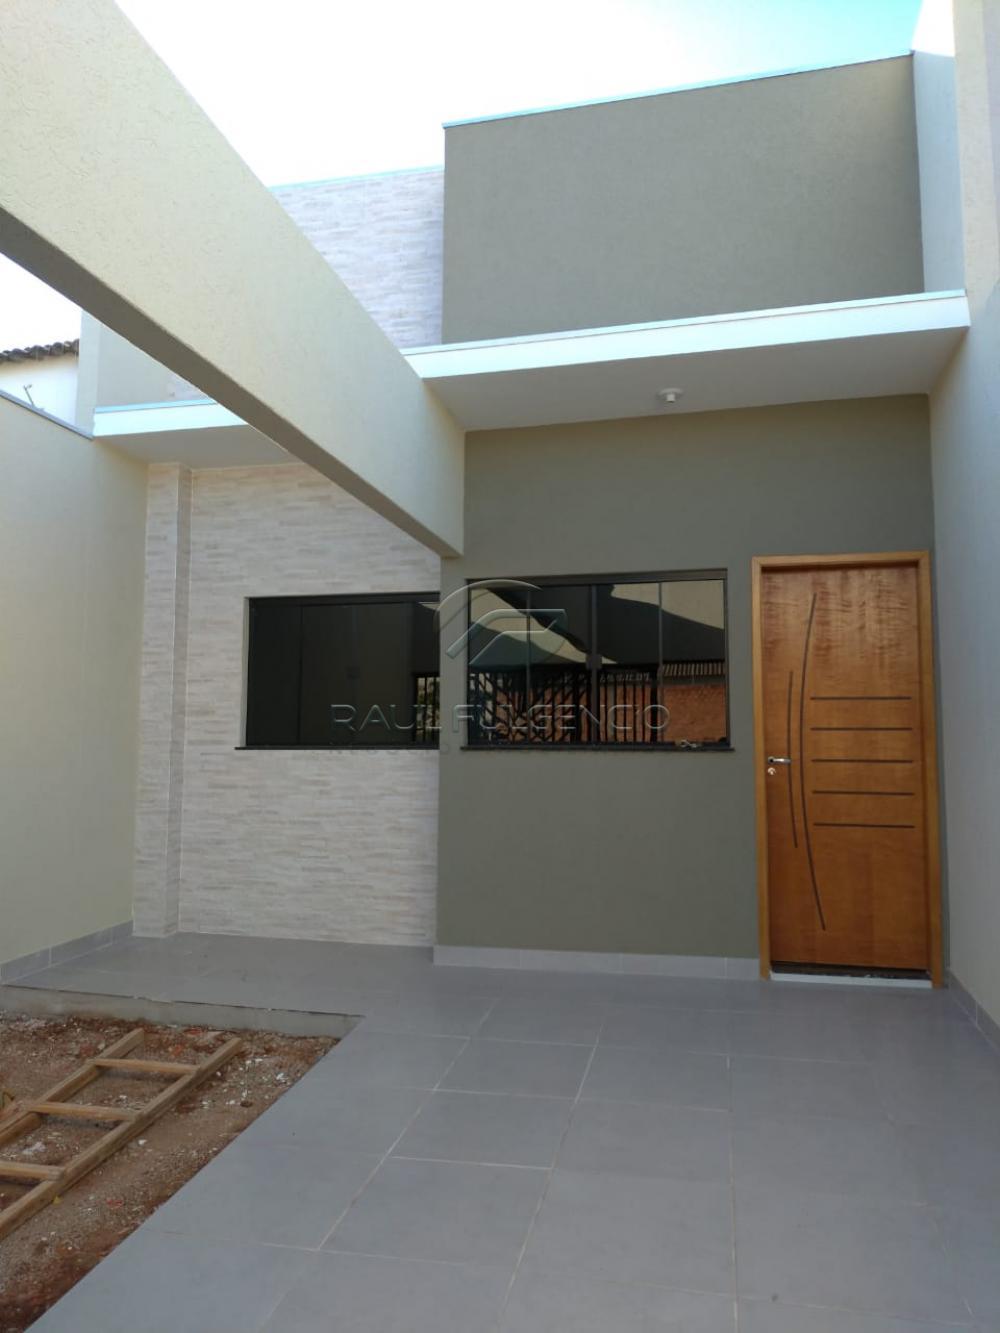 Comprar Casa / Térrea em Londrina apenas R$ 275.000,00 - Foto 12